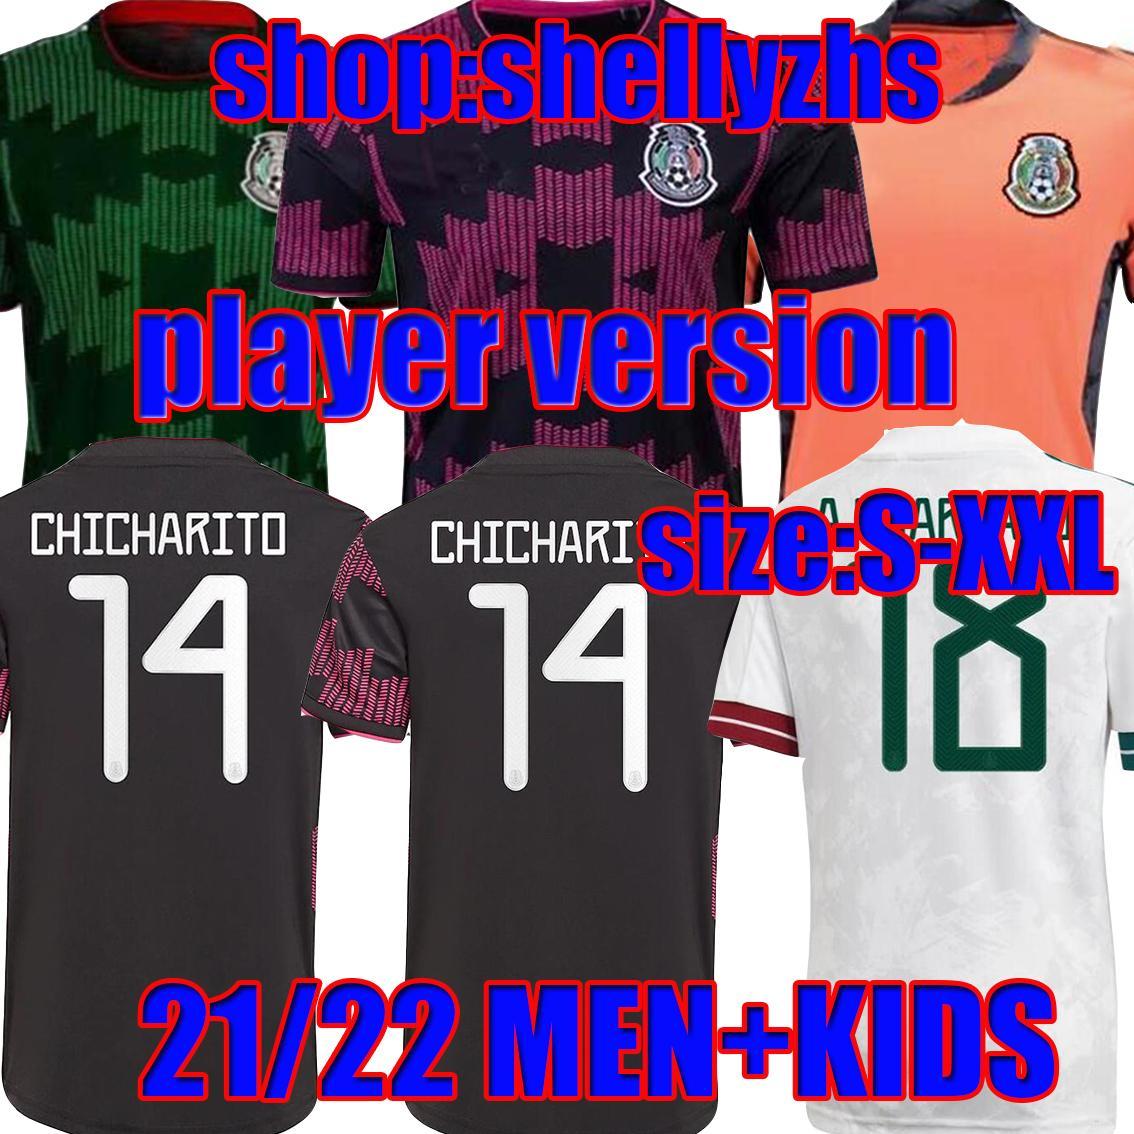 Homens + Kids + Jogador Versão 2021 México Black Rosa Futebol Jersey Home Away 20 21 Chicharito Lozano dos Santos Camisa de Futebol Kit adulto Define uniformes